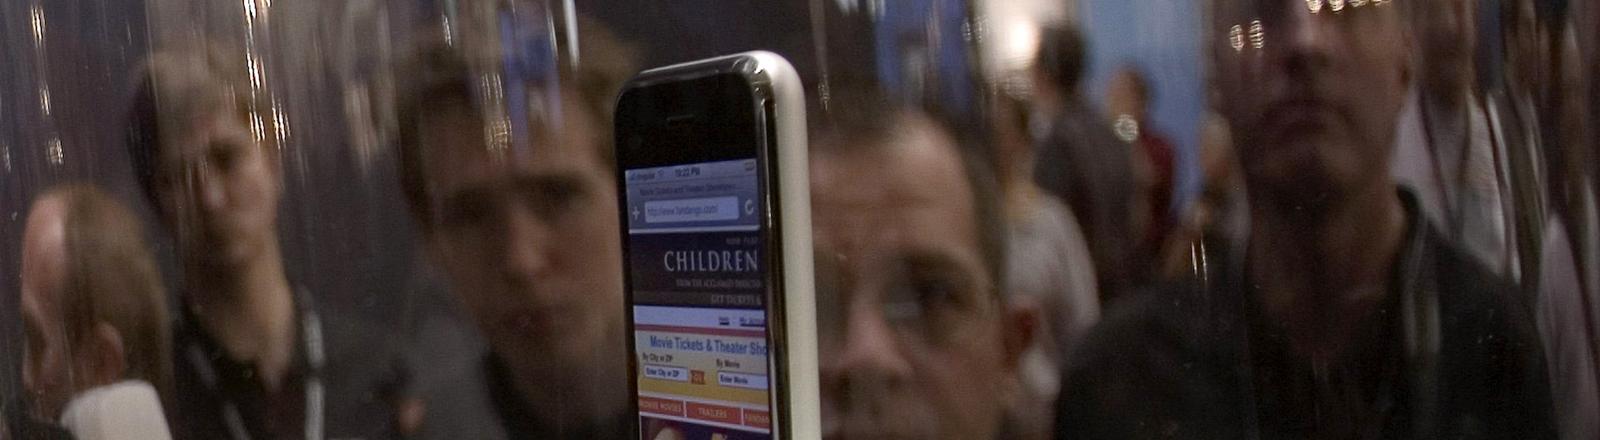 Interessierte betrachten auf der Macworld Expo in San Francisco das in einem Glaskasten ausgestellte ERSTE iPhone am 9. Januar 2007.